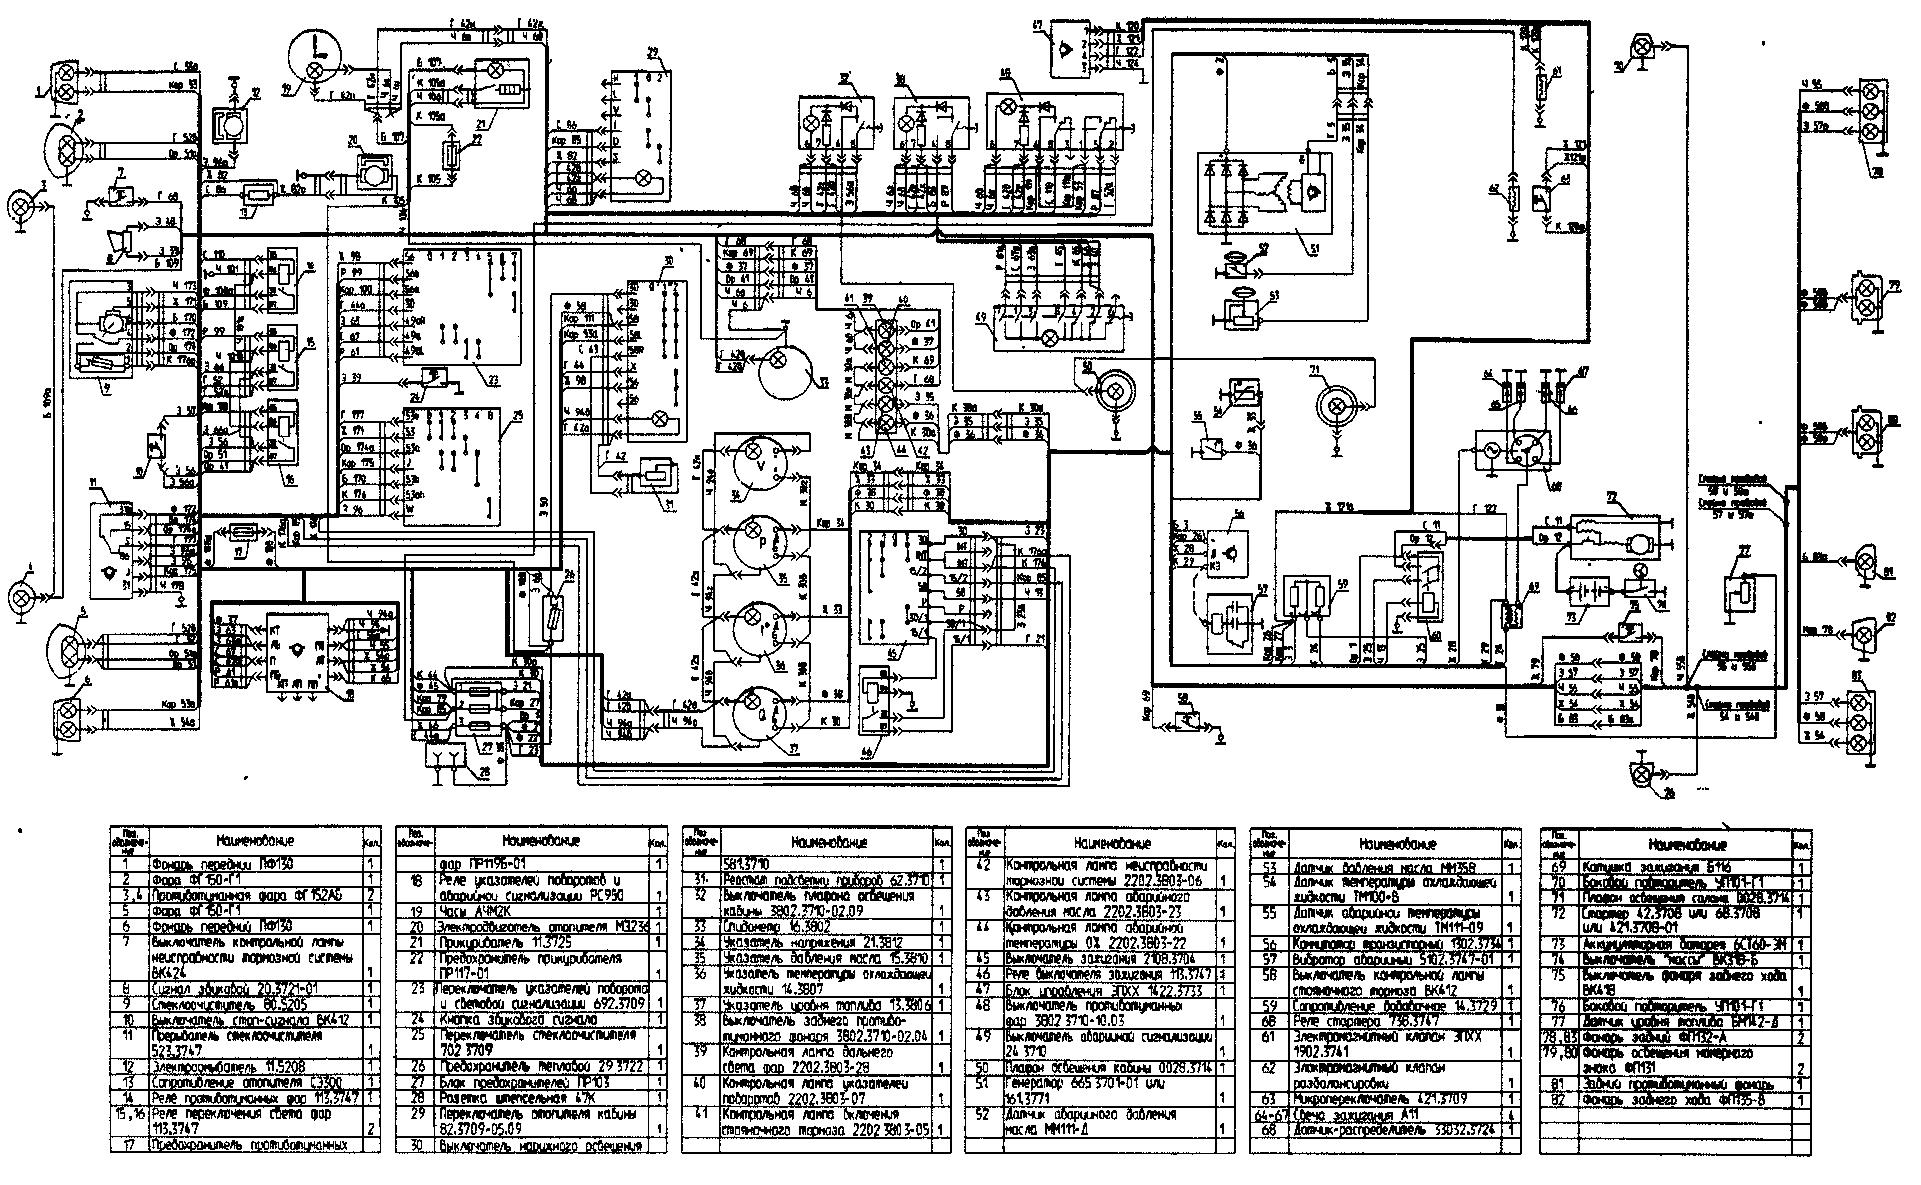 Схема электрооборудования автомобиля УАЗ-39094 с многофункциональными подрулевыми переключателями